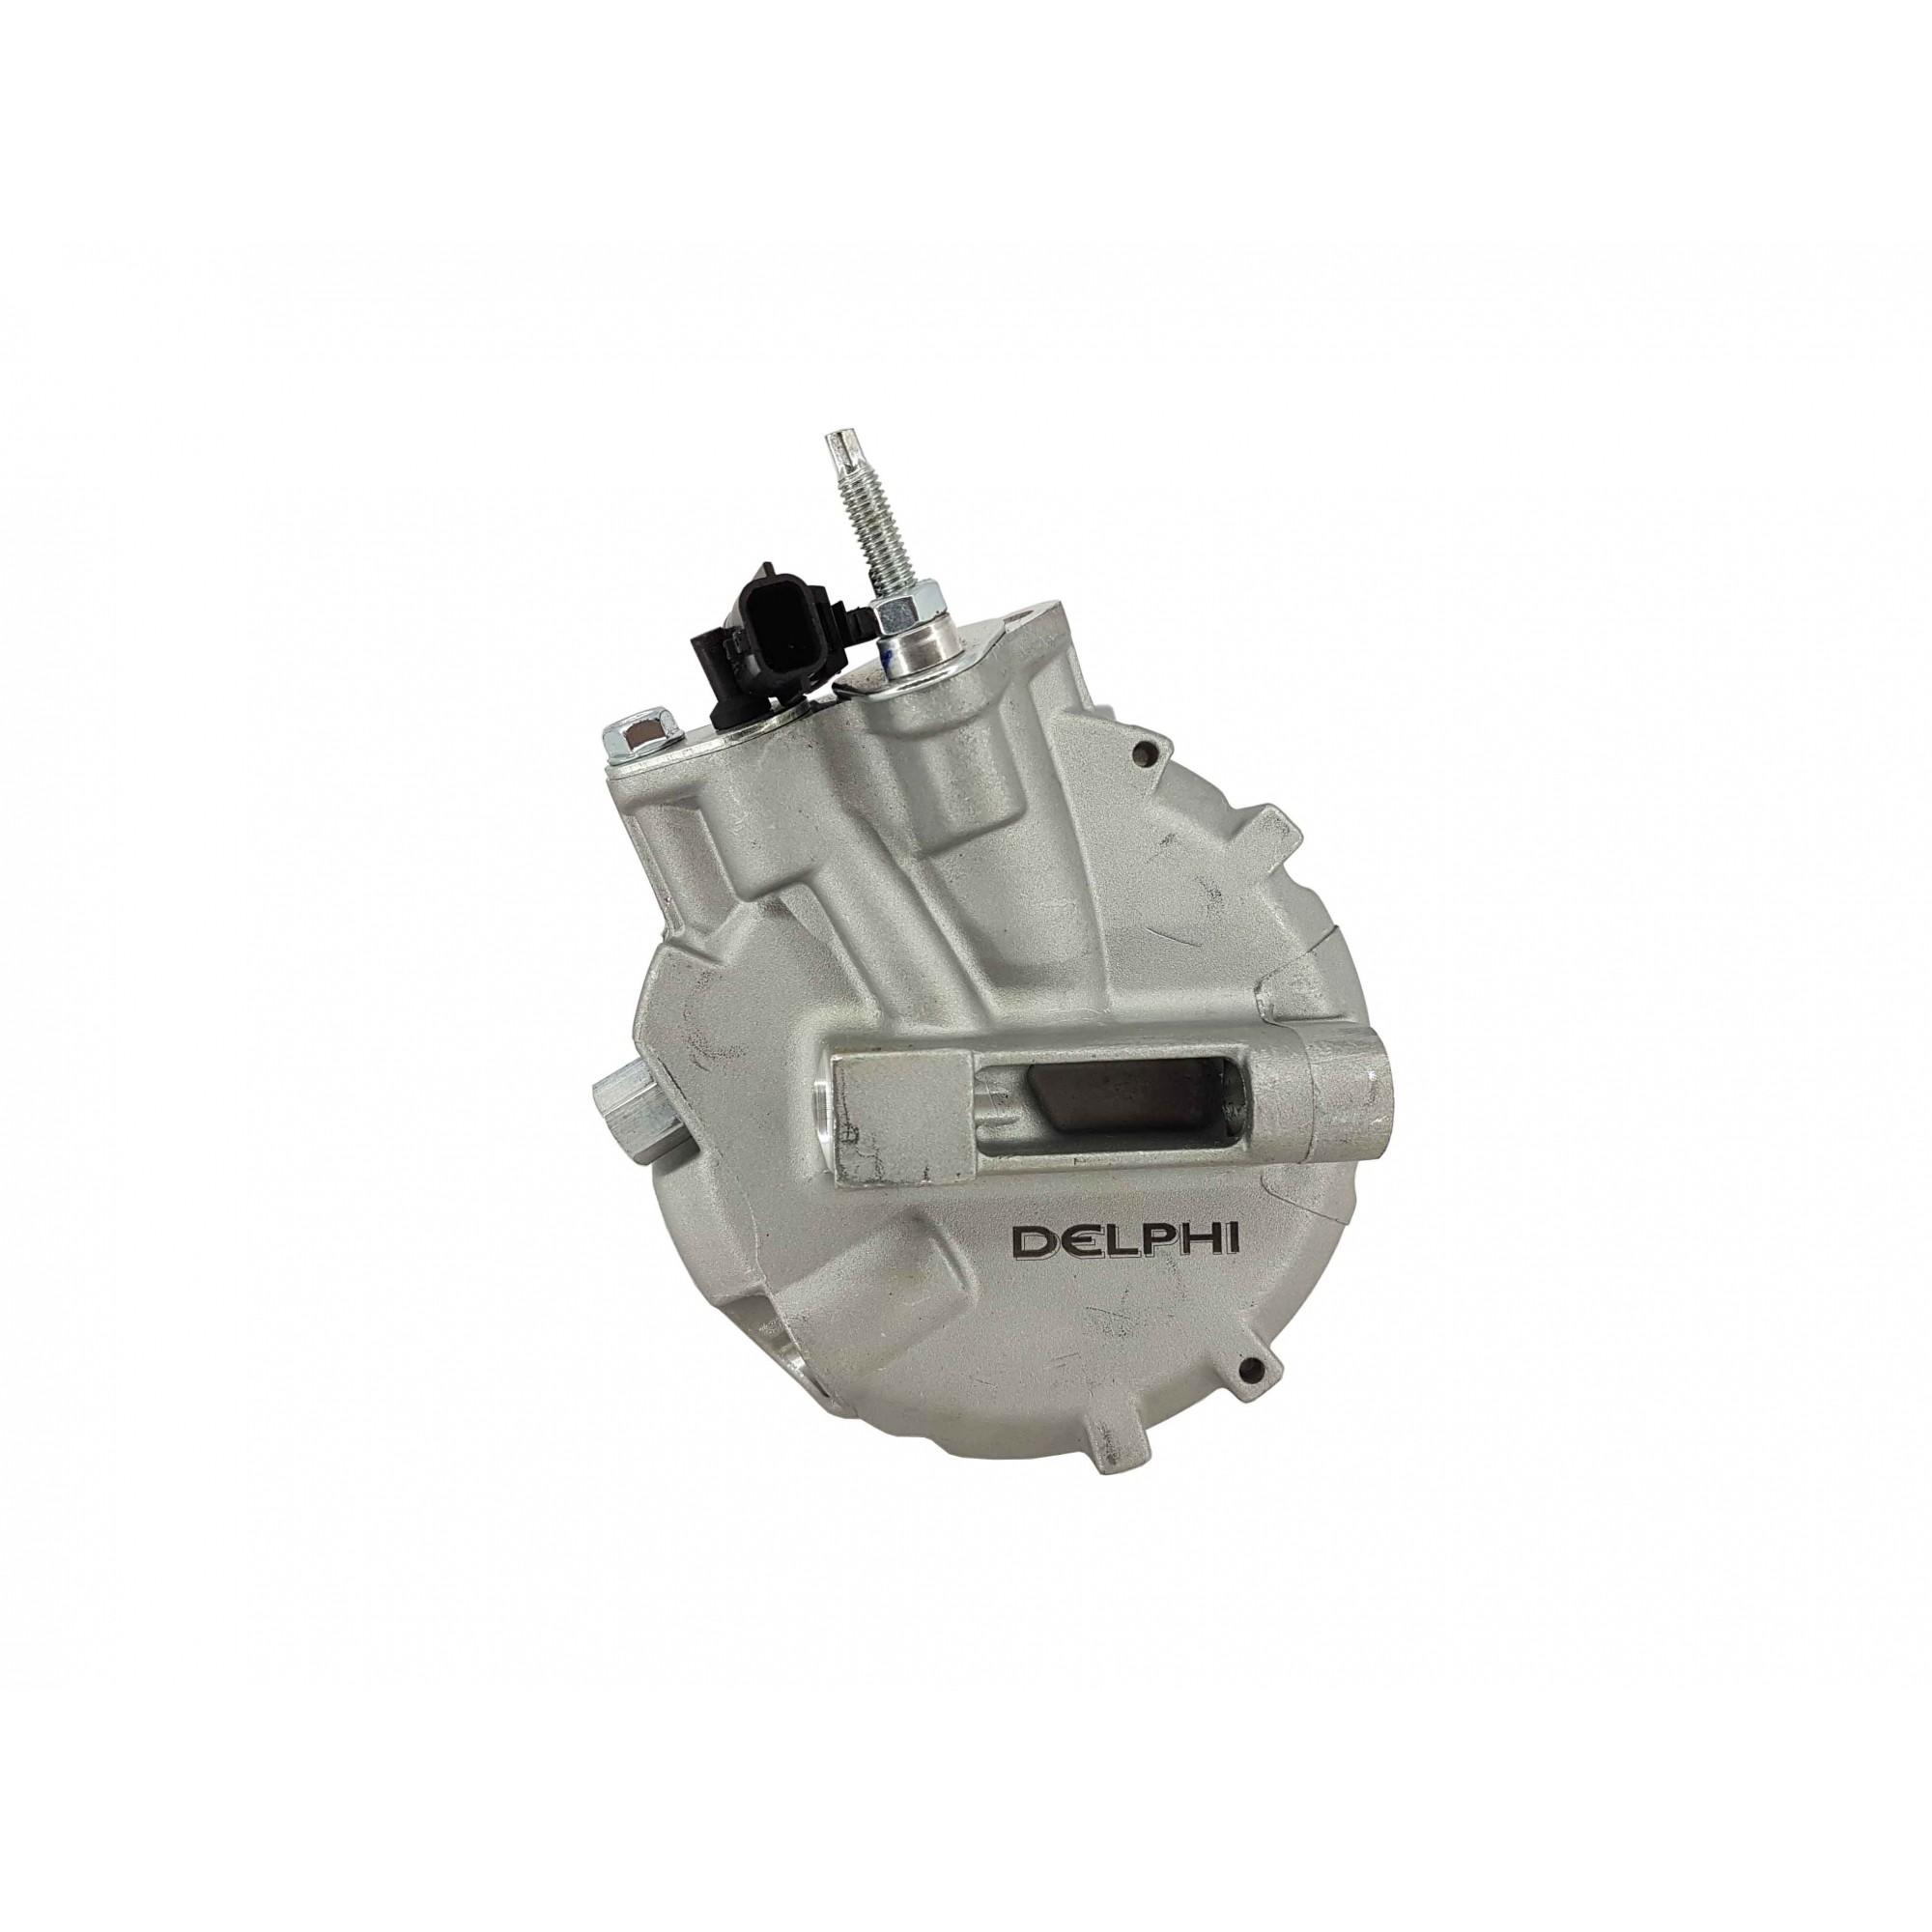 Compressor Sentra 2.0 ano 2007 em diante - Original DELPHI